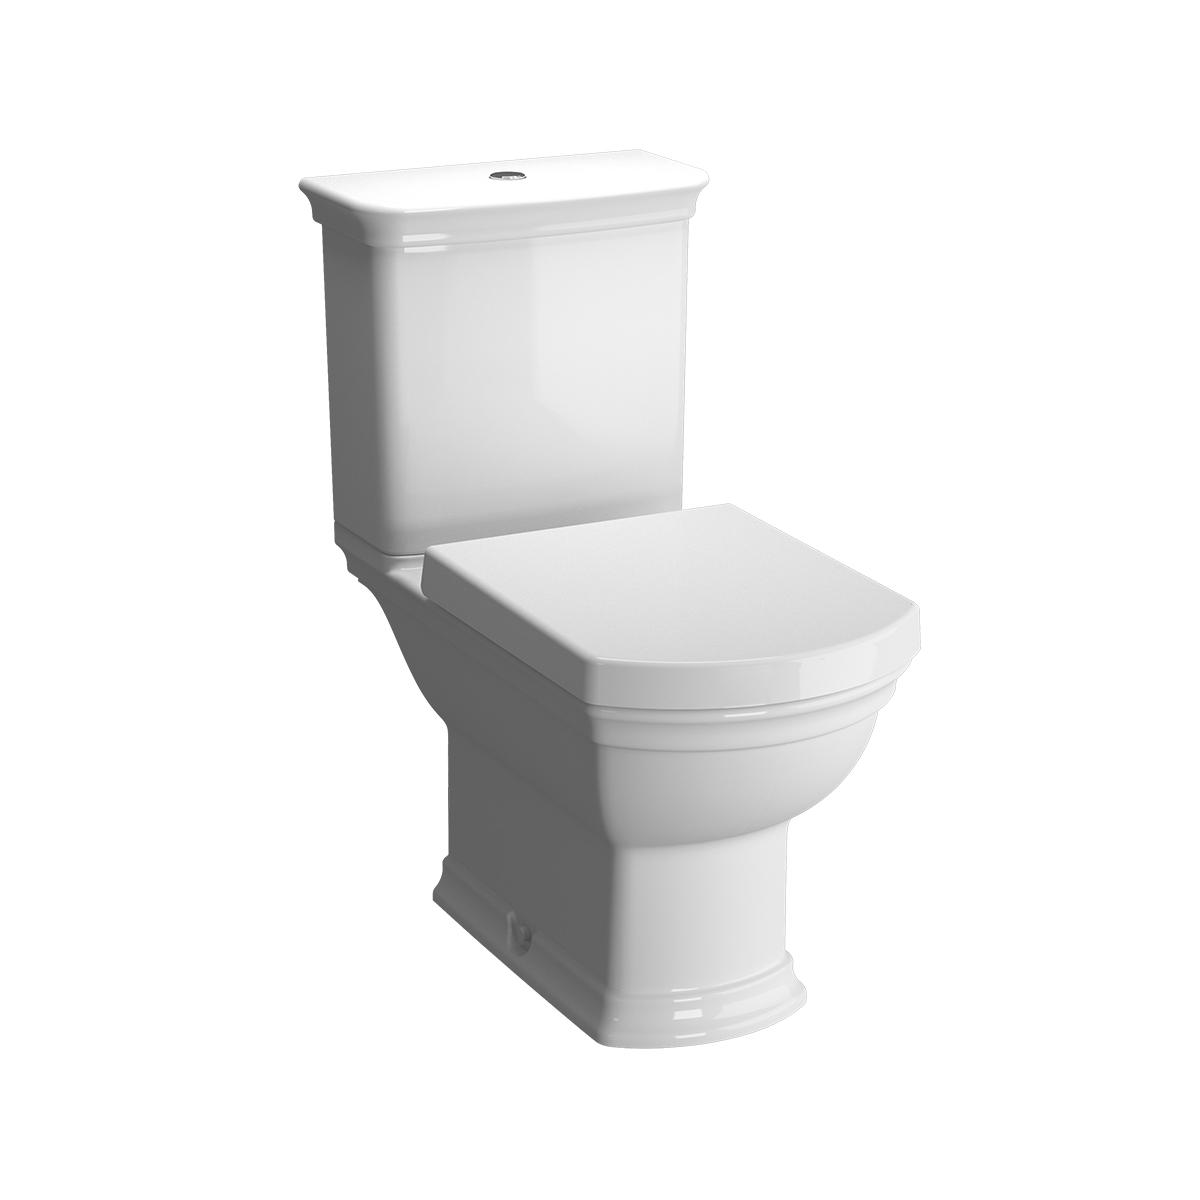 Valarte réservoir de chasse d'eau en céramique, raccordement latéral, blanc